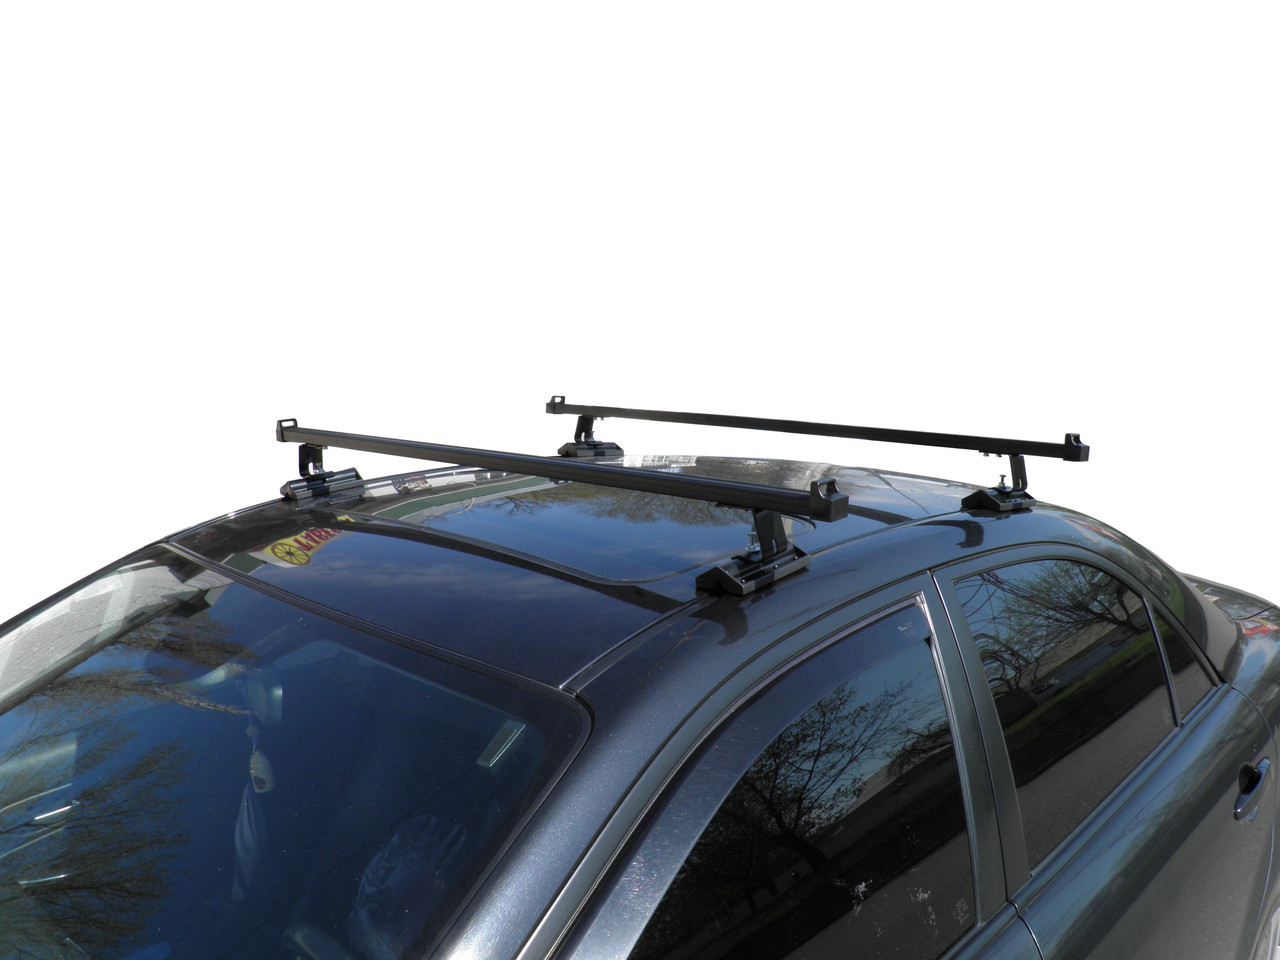 Кенгуру Комби 120см - универсальный багажник на крышу для авто со штатными местами установки